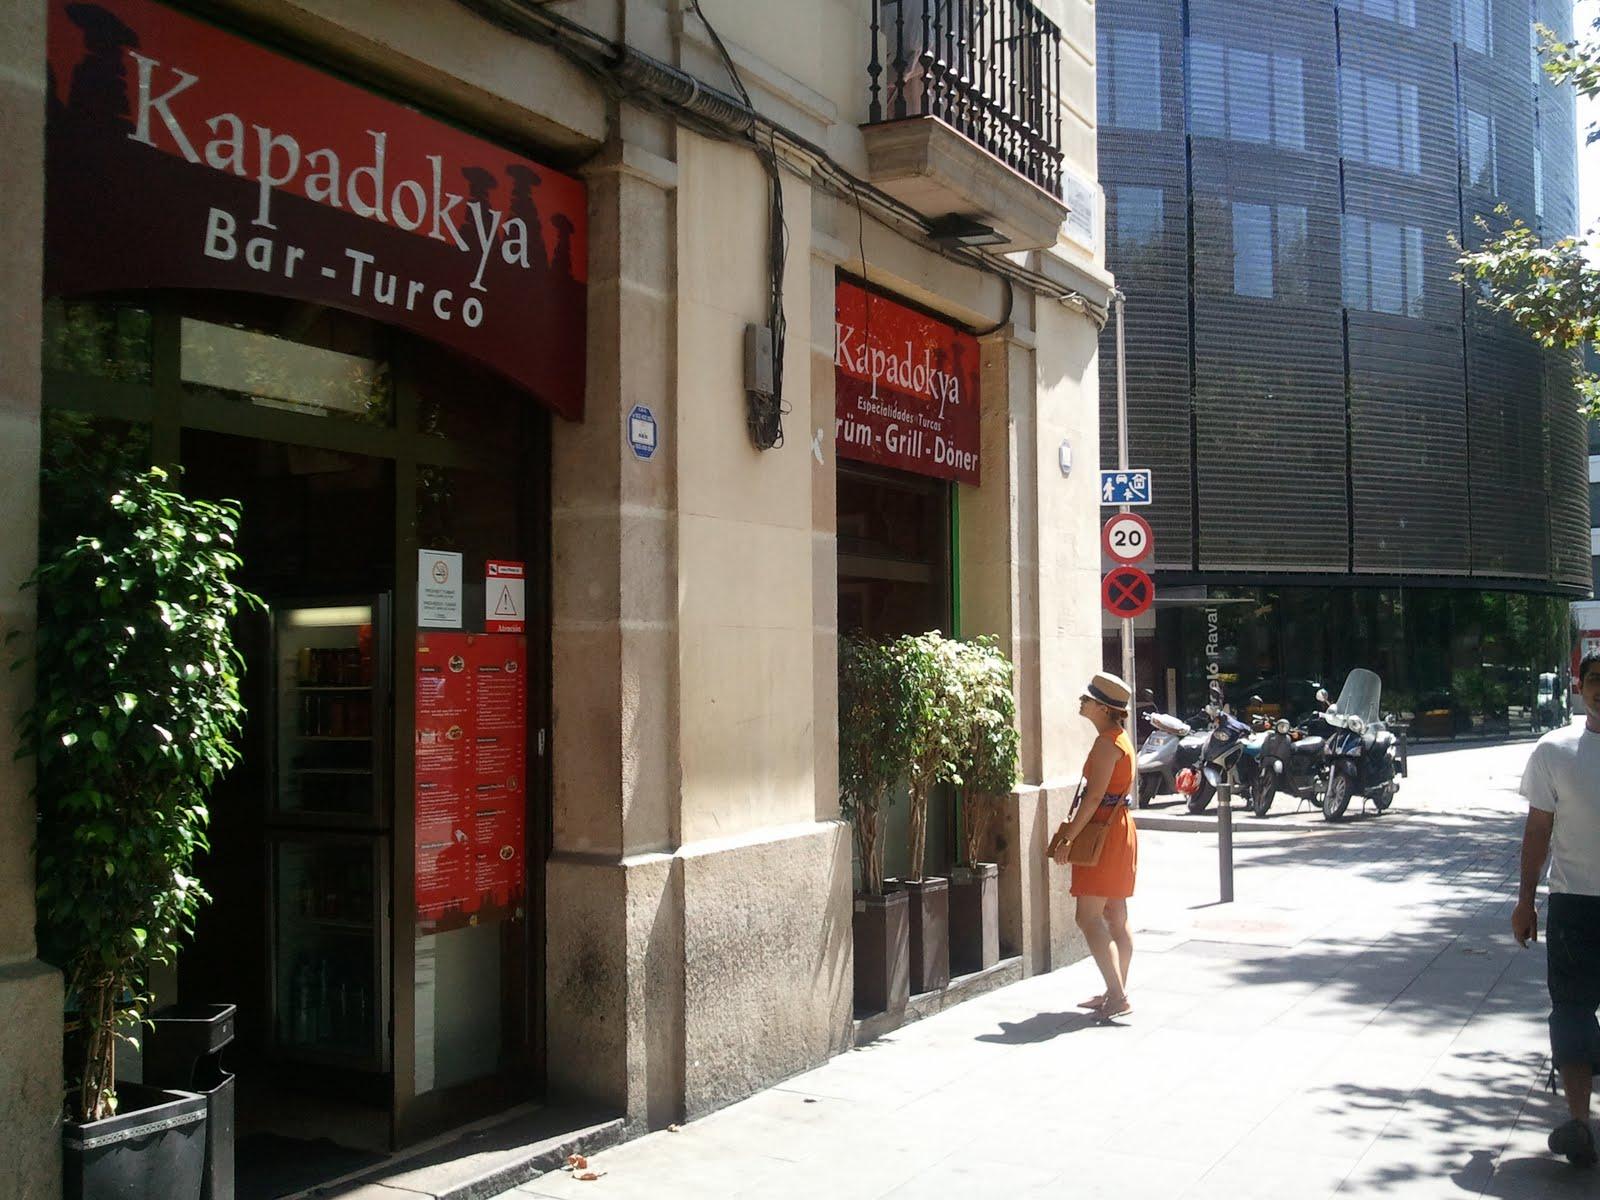 مطعم كبادوكيا التركي في برشلونة